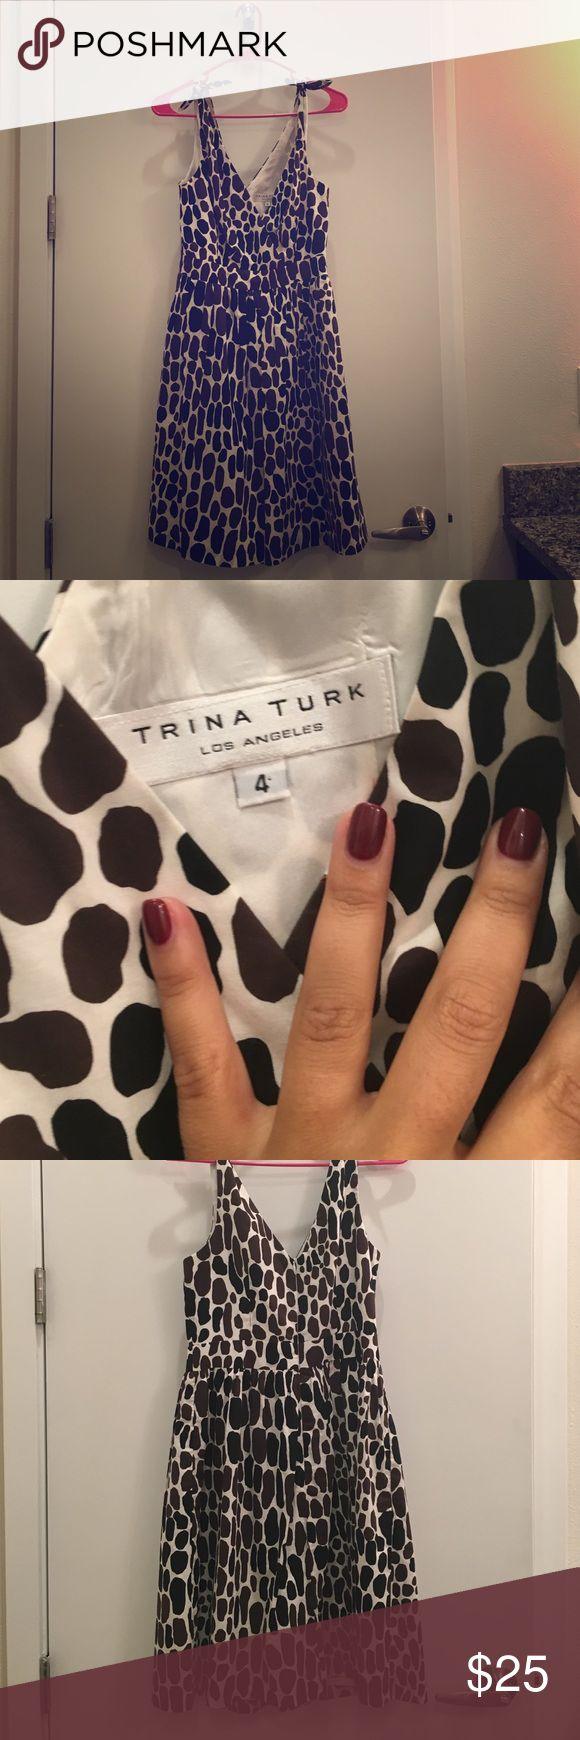 Trina Turk giraffe print dress sz 4 Cute size 4 Trina Turk animal print dress like new ties at the sleeve Trina Turk Dresses Midi